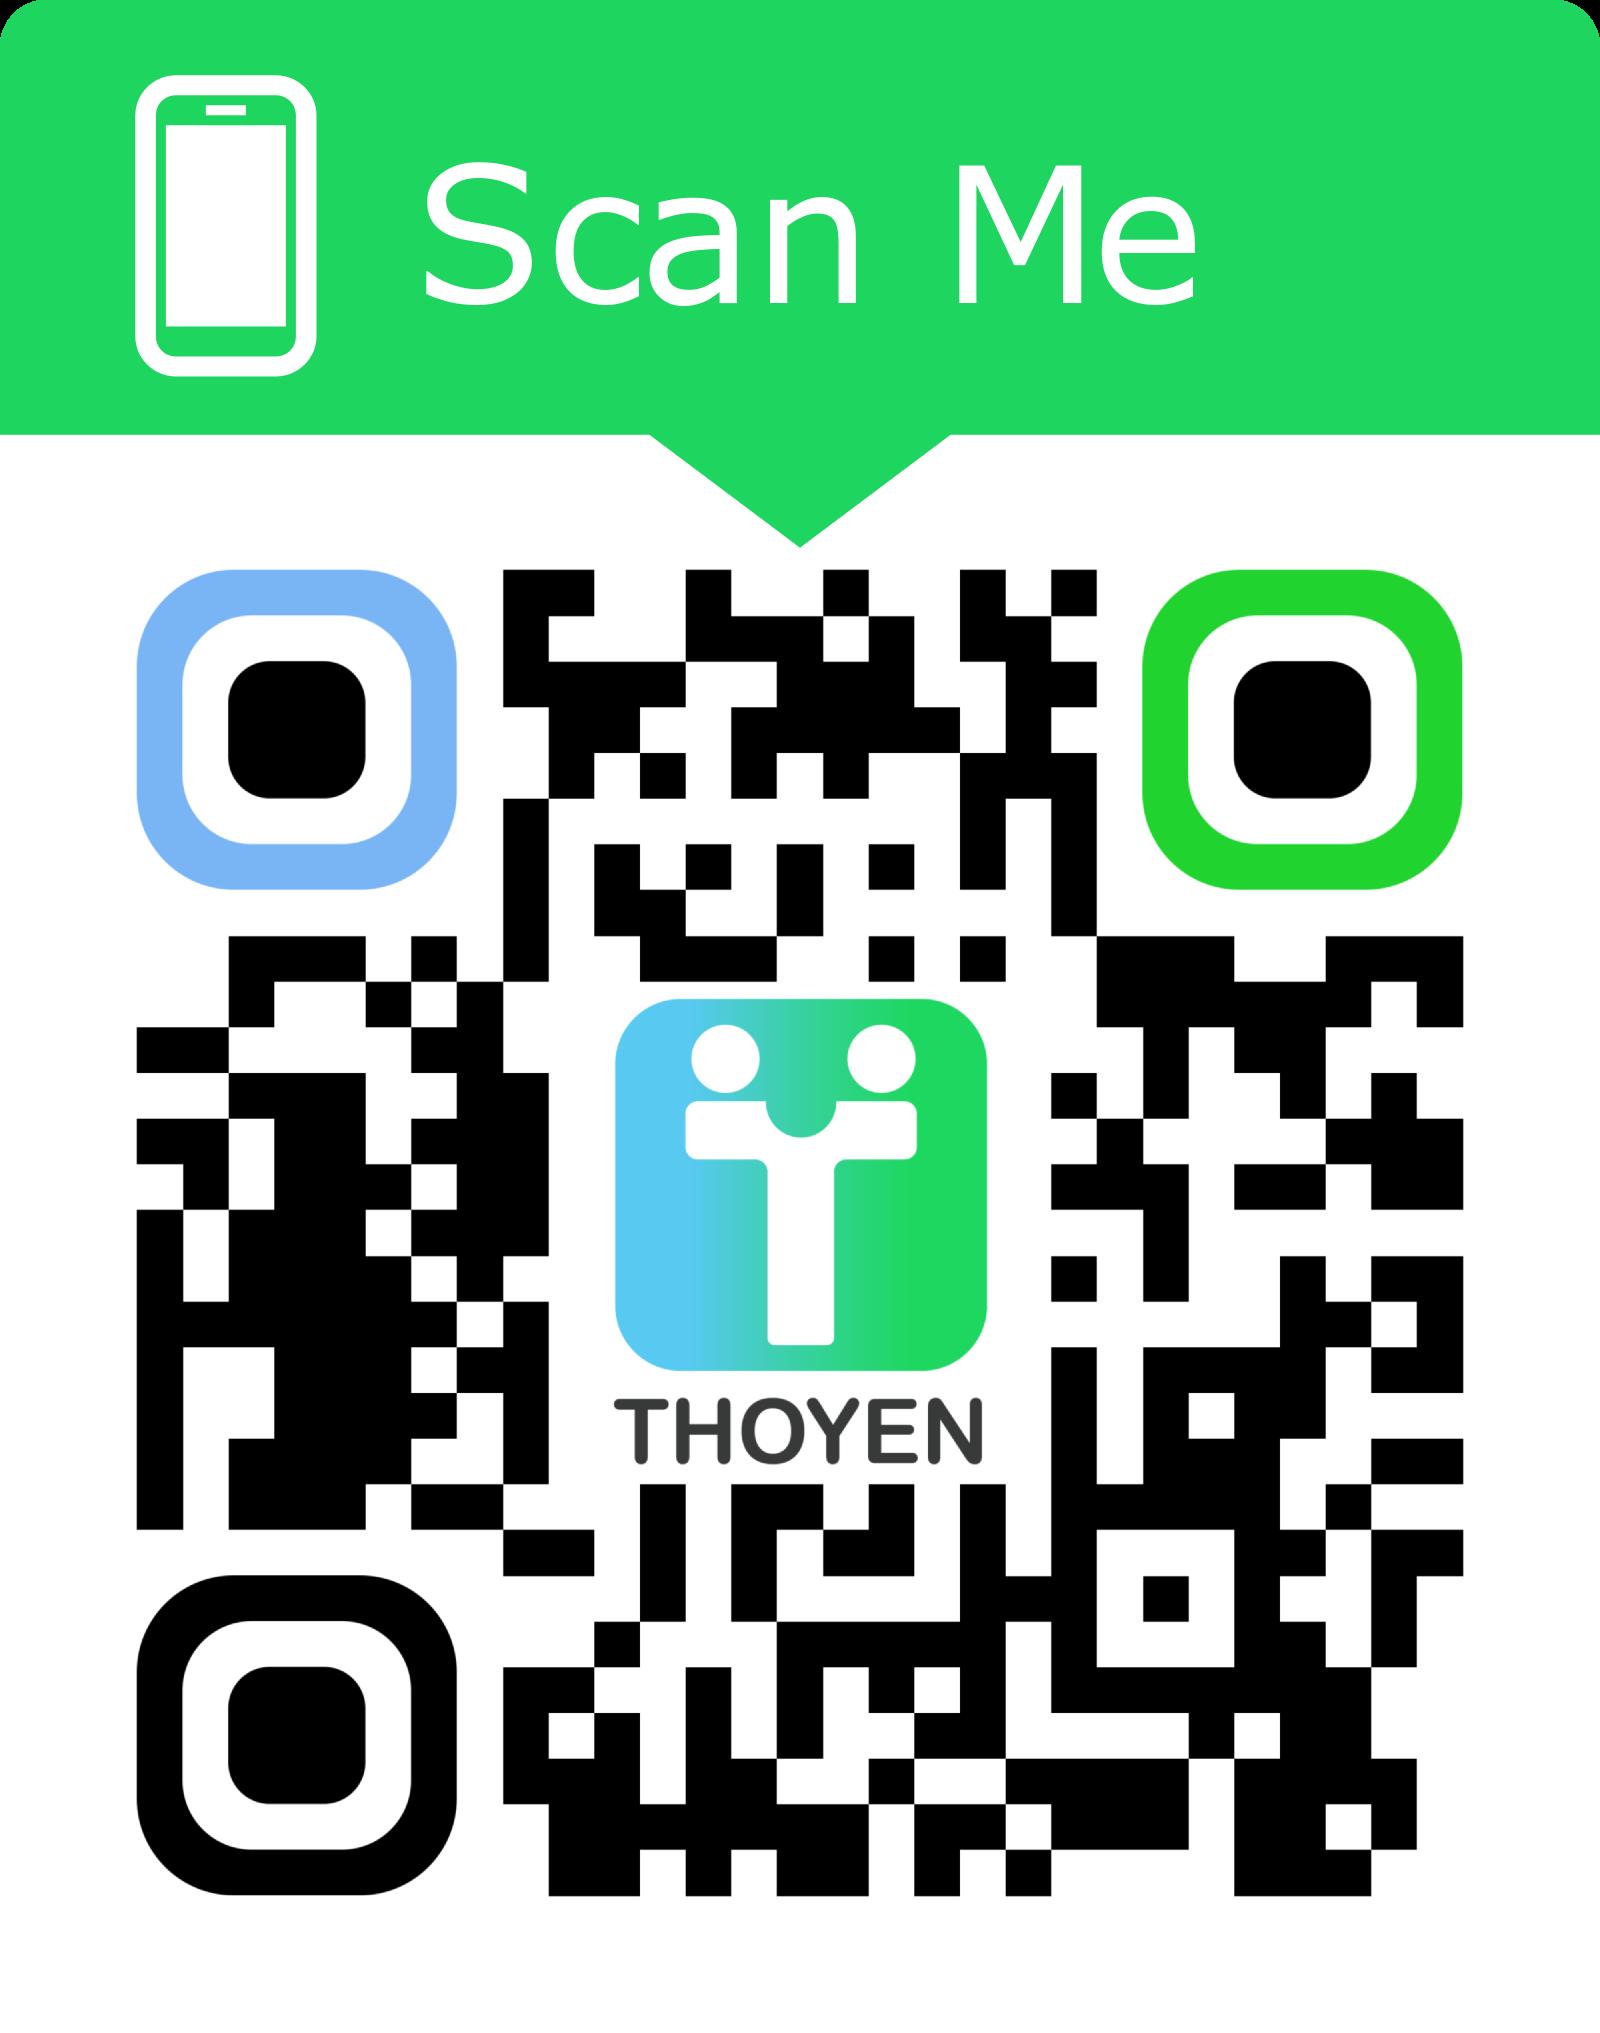 Thoyen